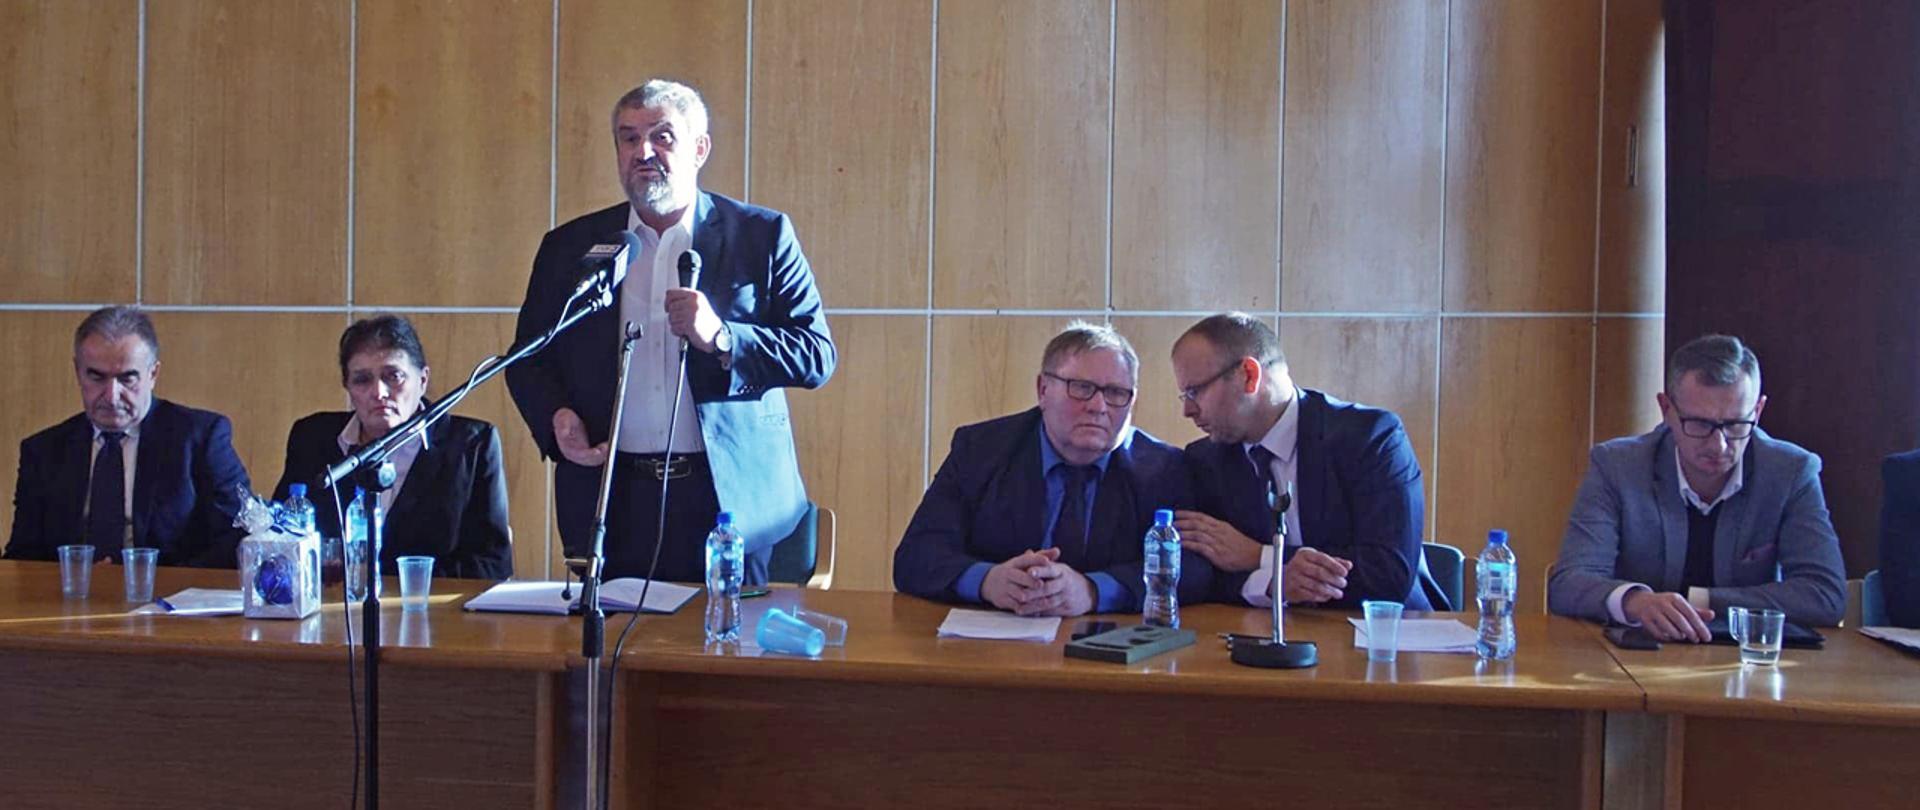 Rozmowy w Kujawsko-Pomorskiej Izbie Rolniczej